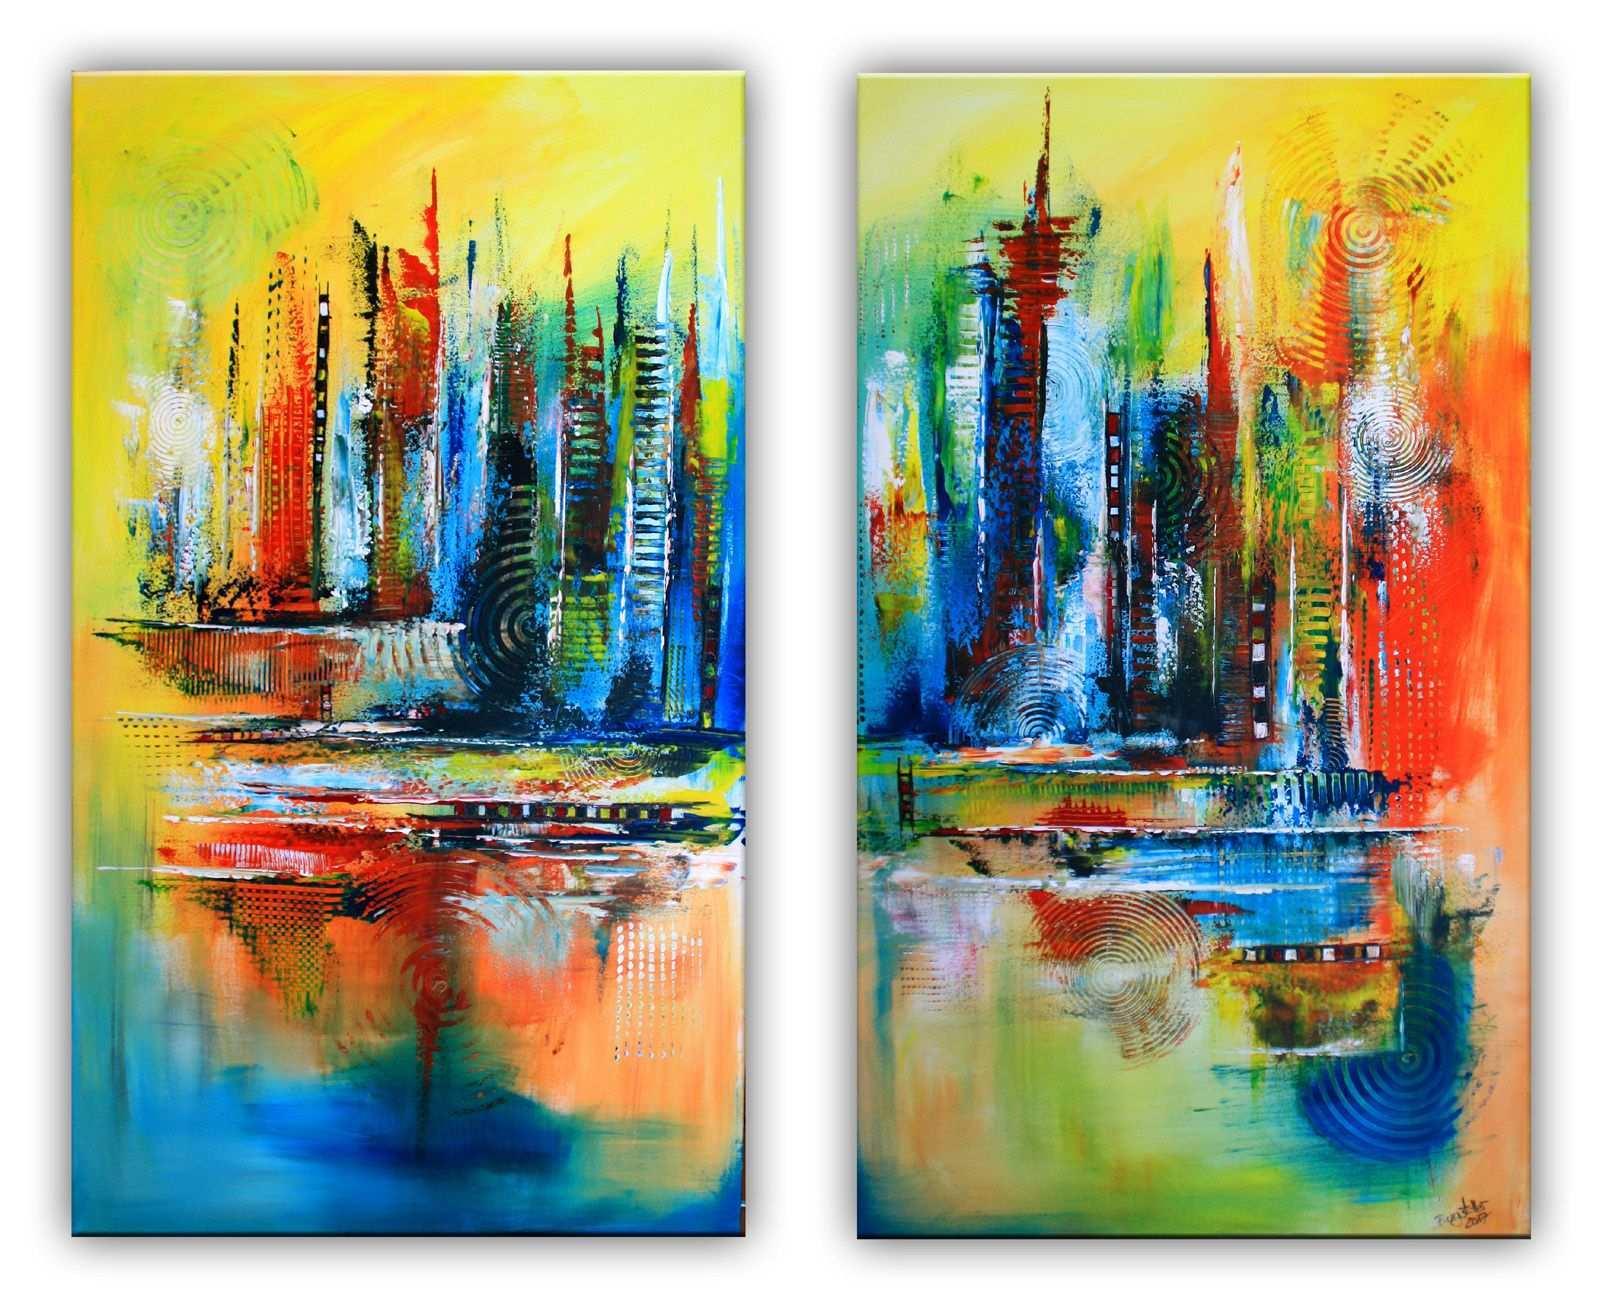 Himmelsleitern Abstrakte Malerei Rot Blau Gelb Zweiteilig Abstrakte Malerei Acrylbilder Abstrakt Abstrakt